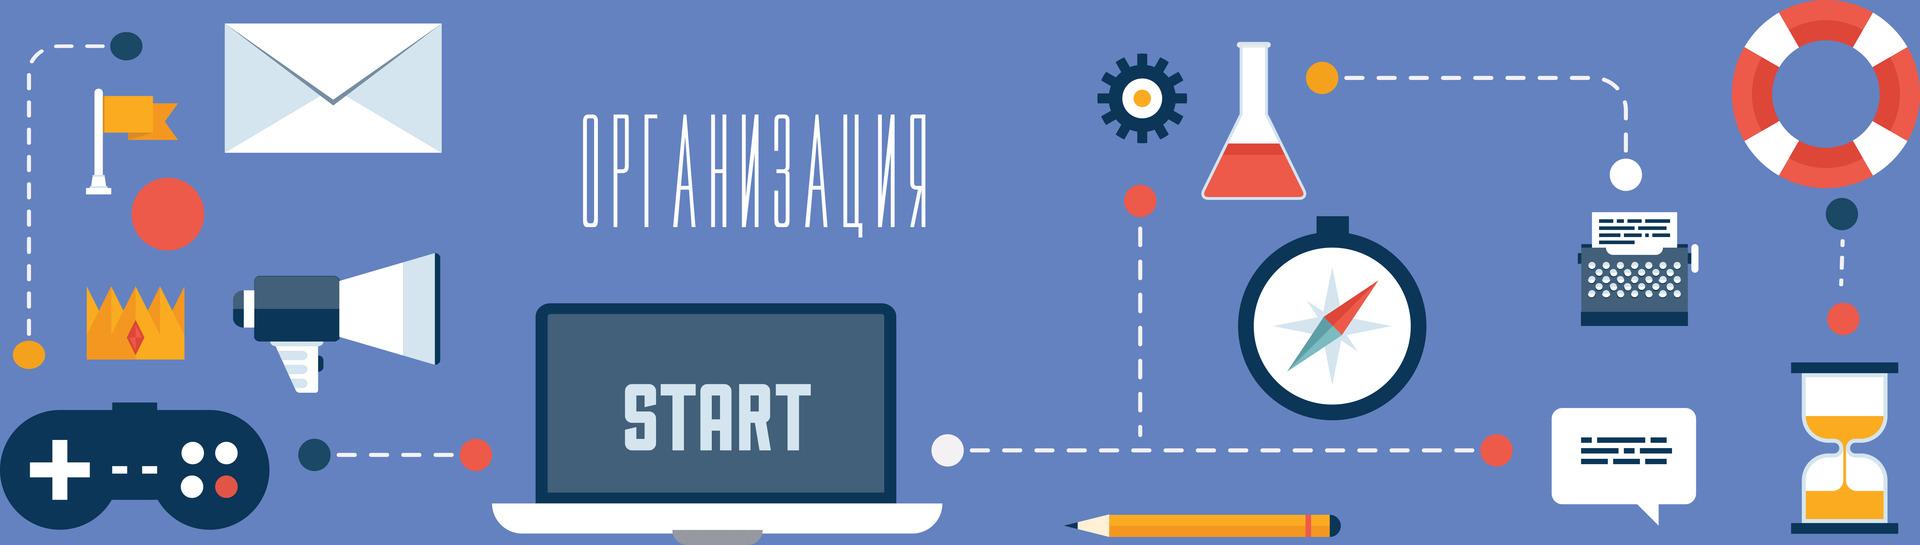 Менеджмент. Краткое руководство для начинающих менеджеров и опытных подчиненных